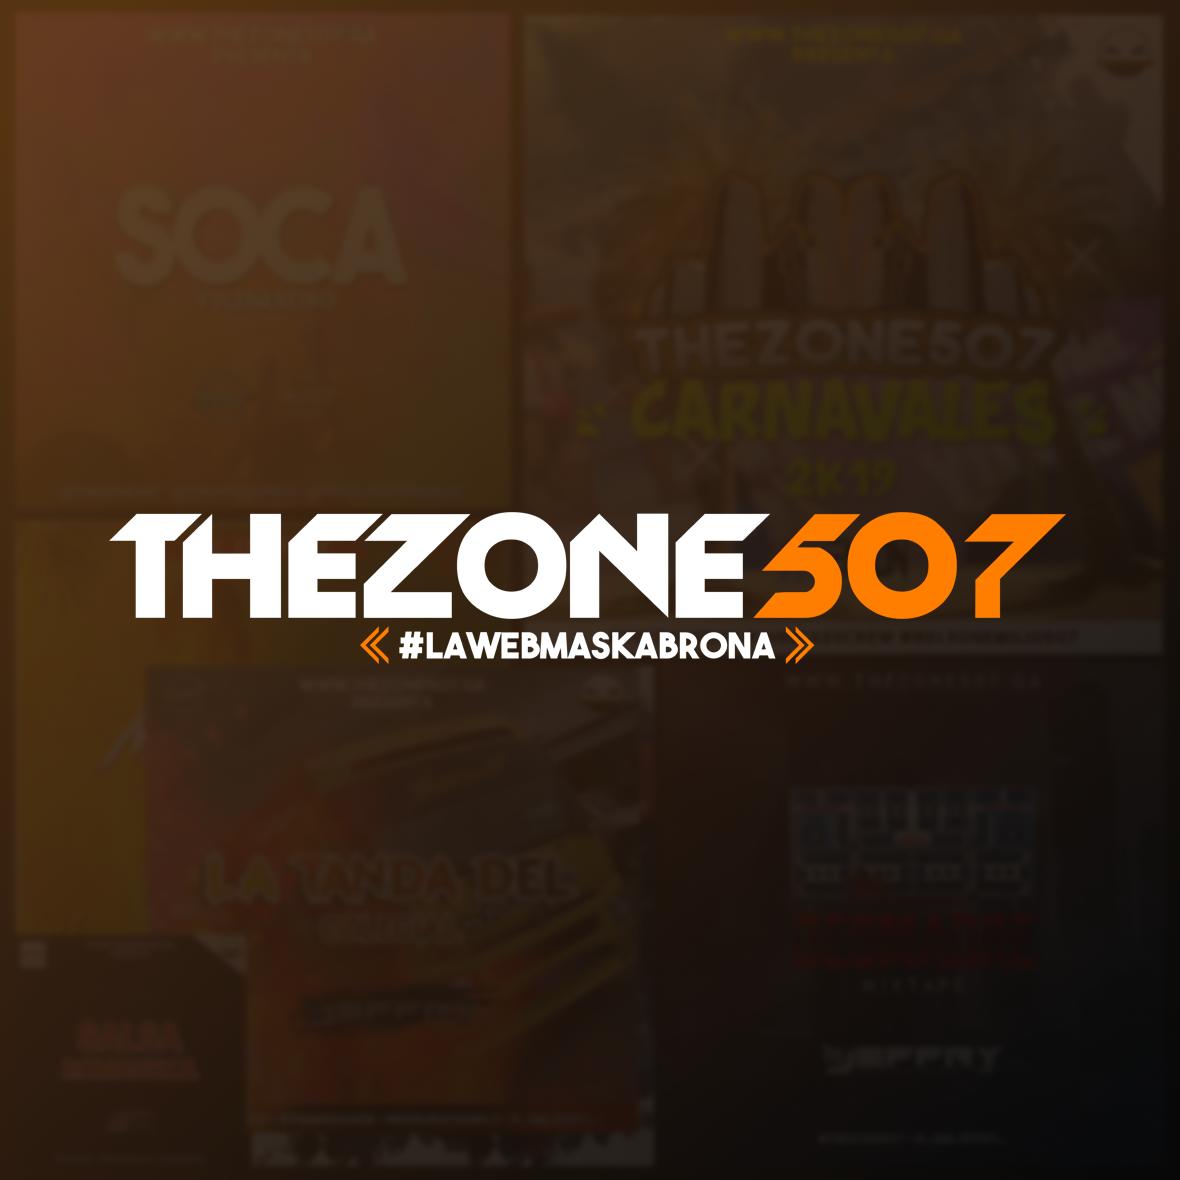 TheZone507